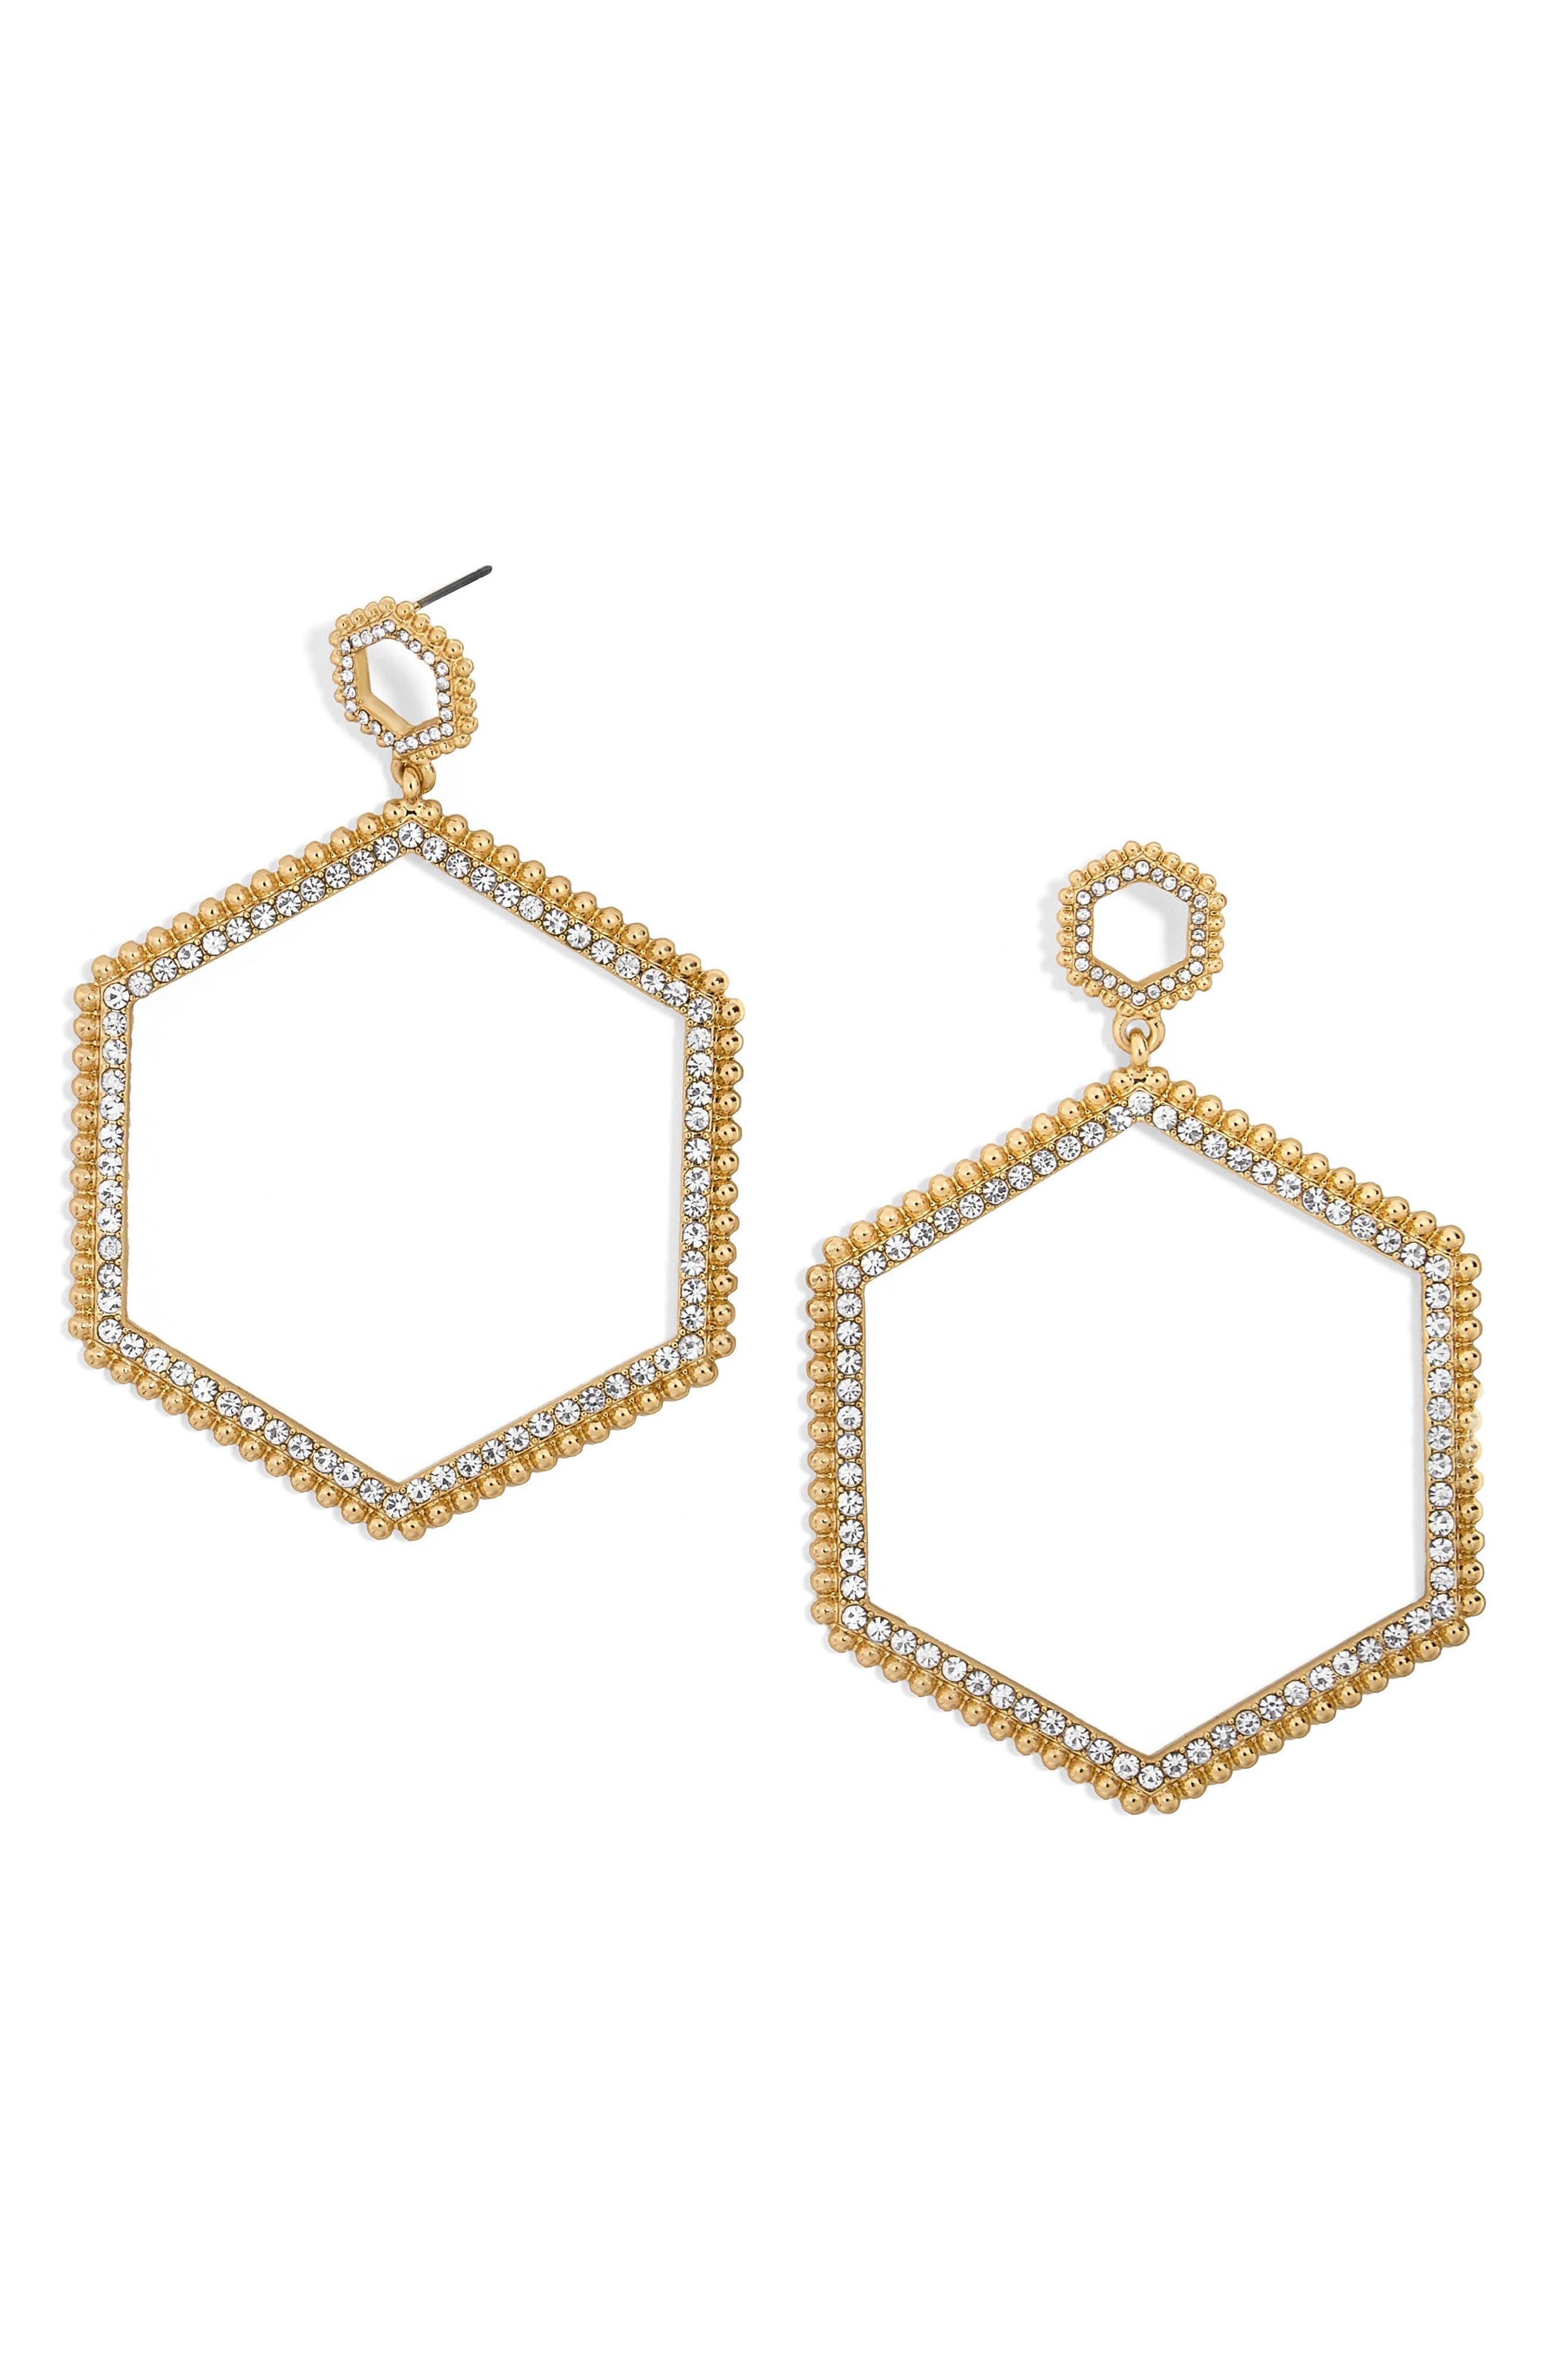 Alternate Image 1 Selected - BaubleBar Hexagonal Hoop Earrings